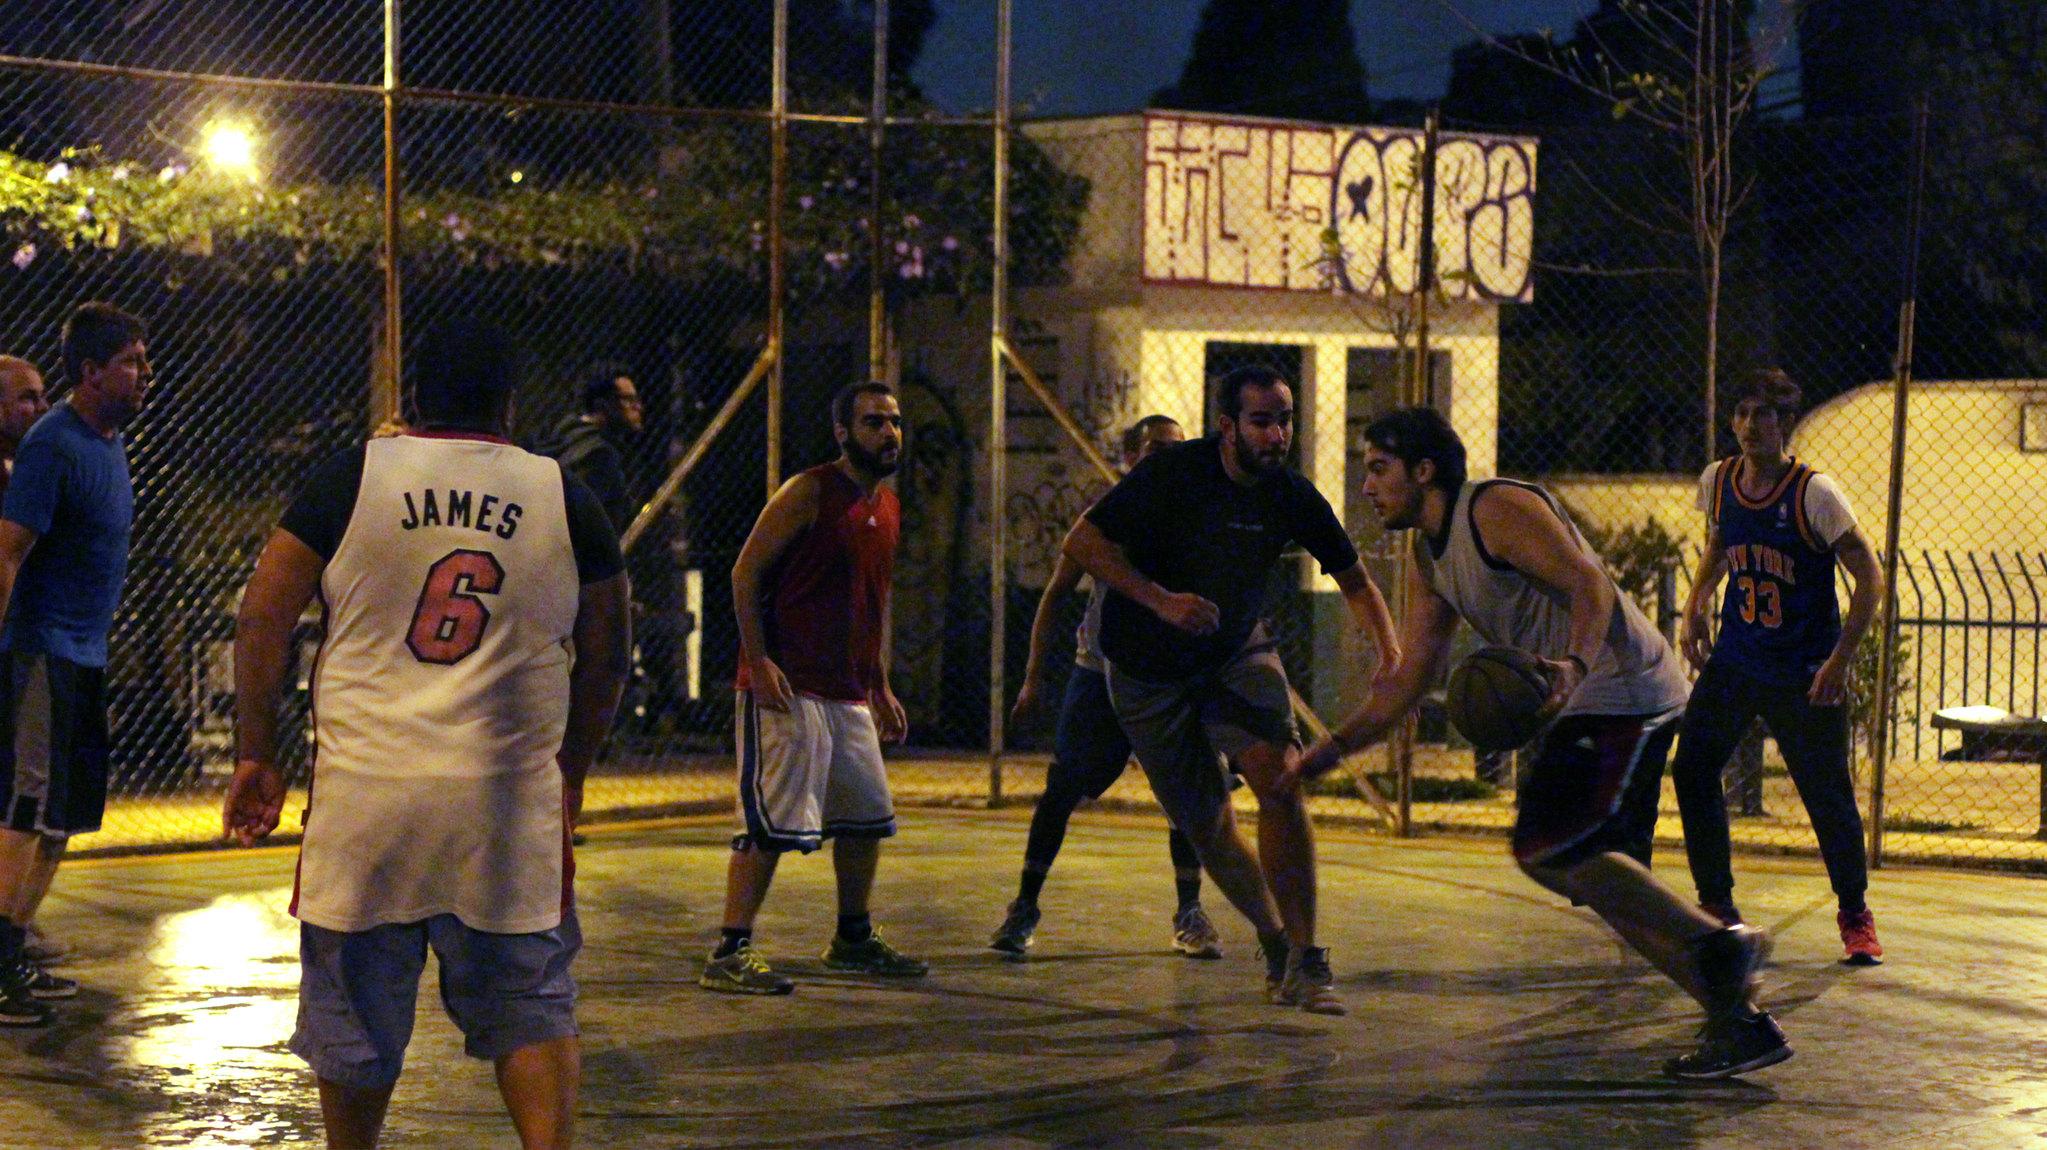 Use a cidade a seu favor  esportes na rua  6688f507bb0ed